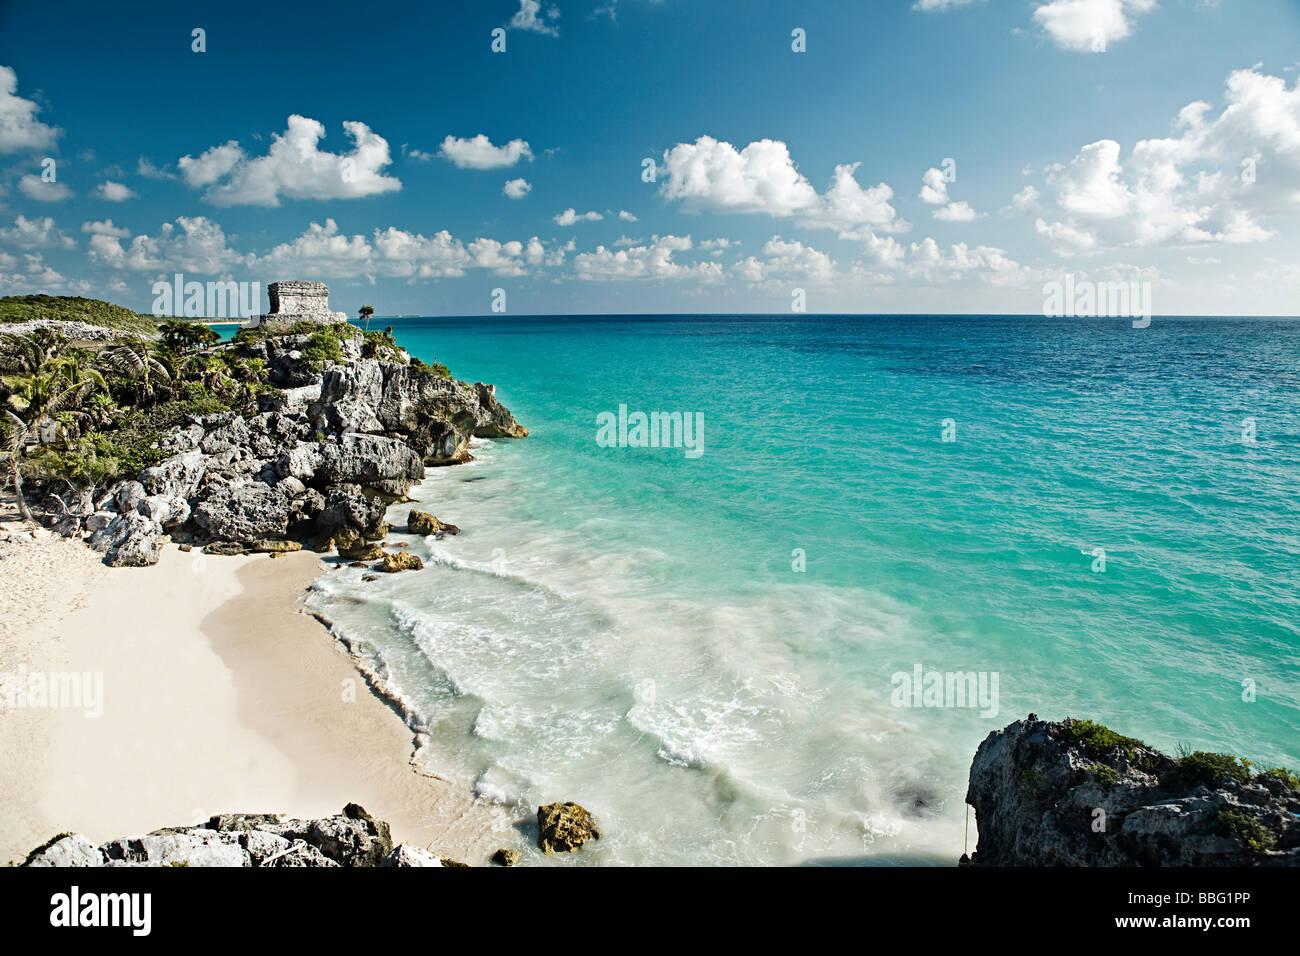 Mayan ruins and ocean in yucatan - Stock Image